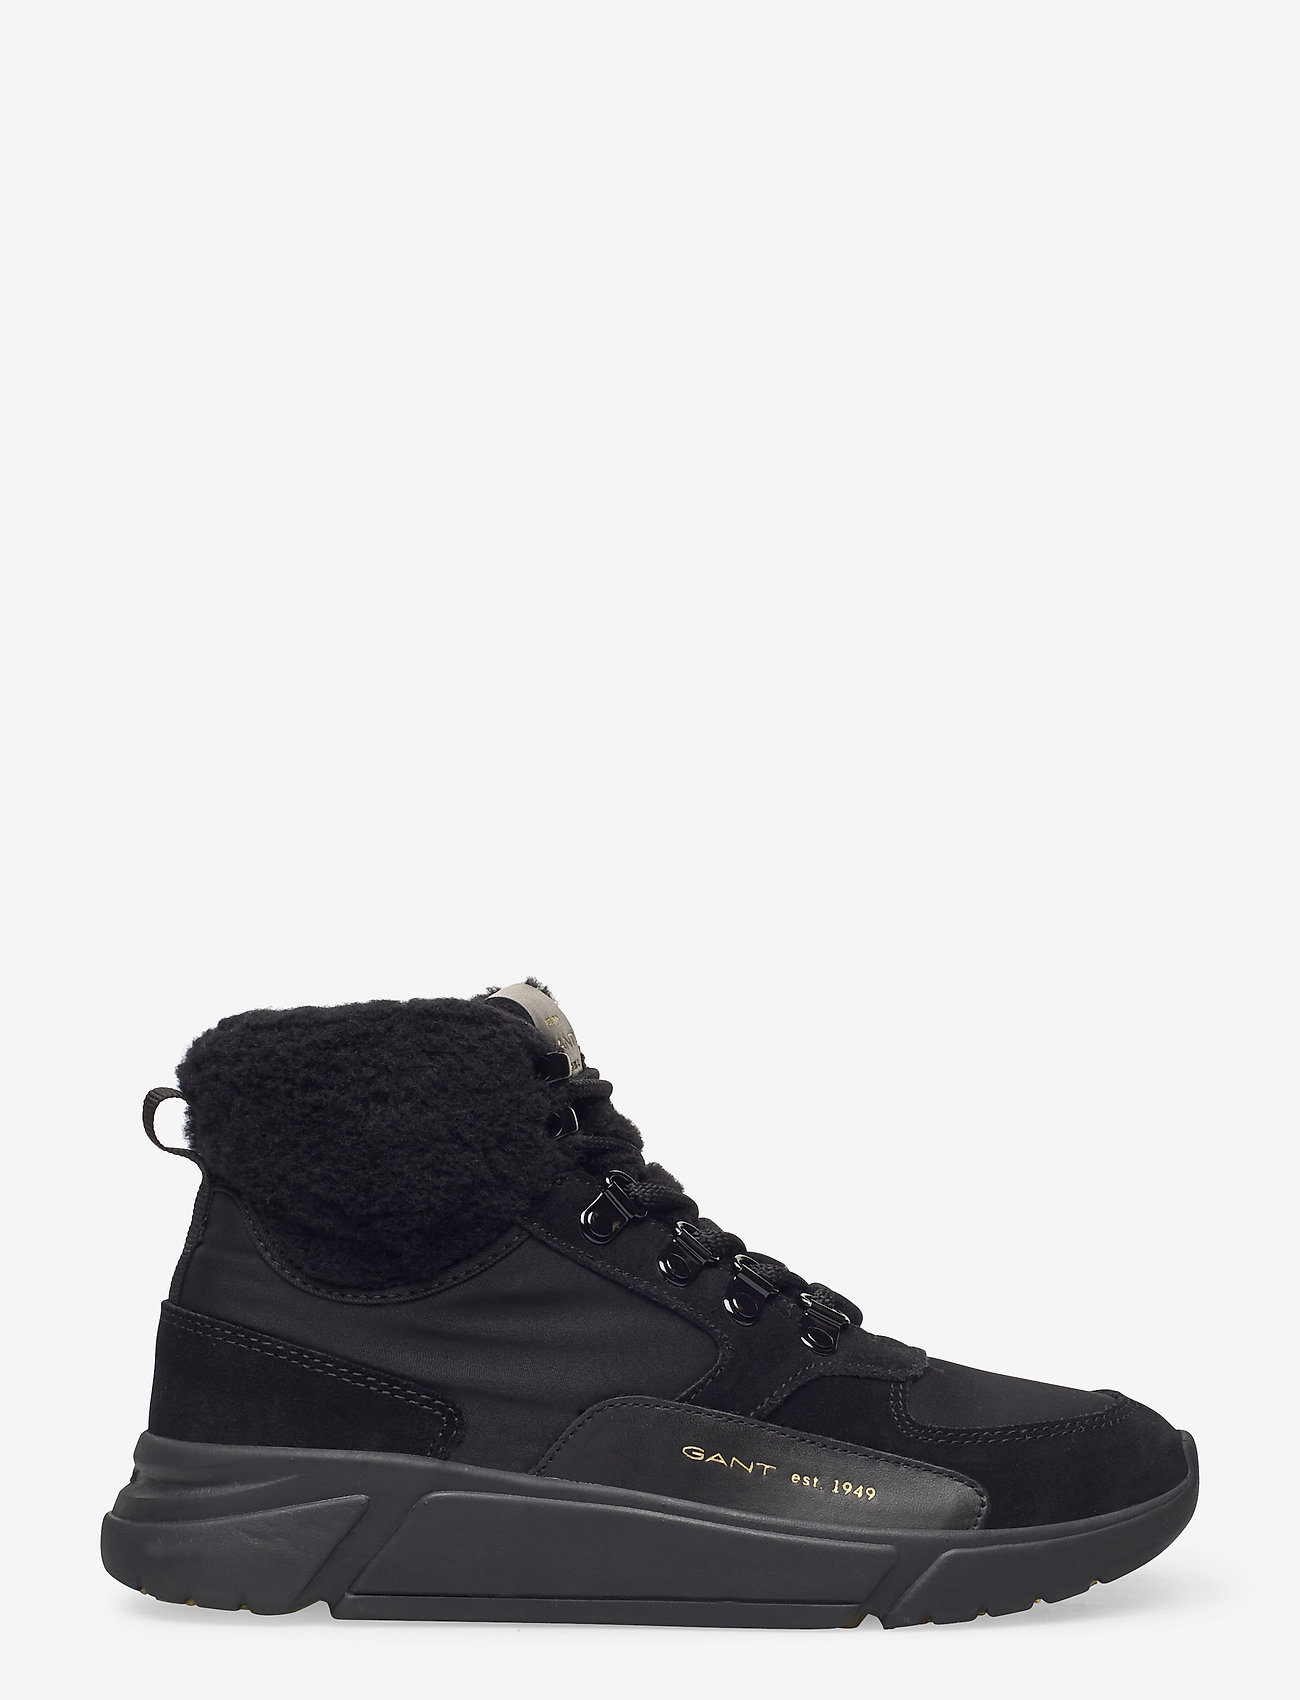 GANT - Cocoville Mid lace boot - flade ankelstøvler - black - 1